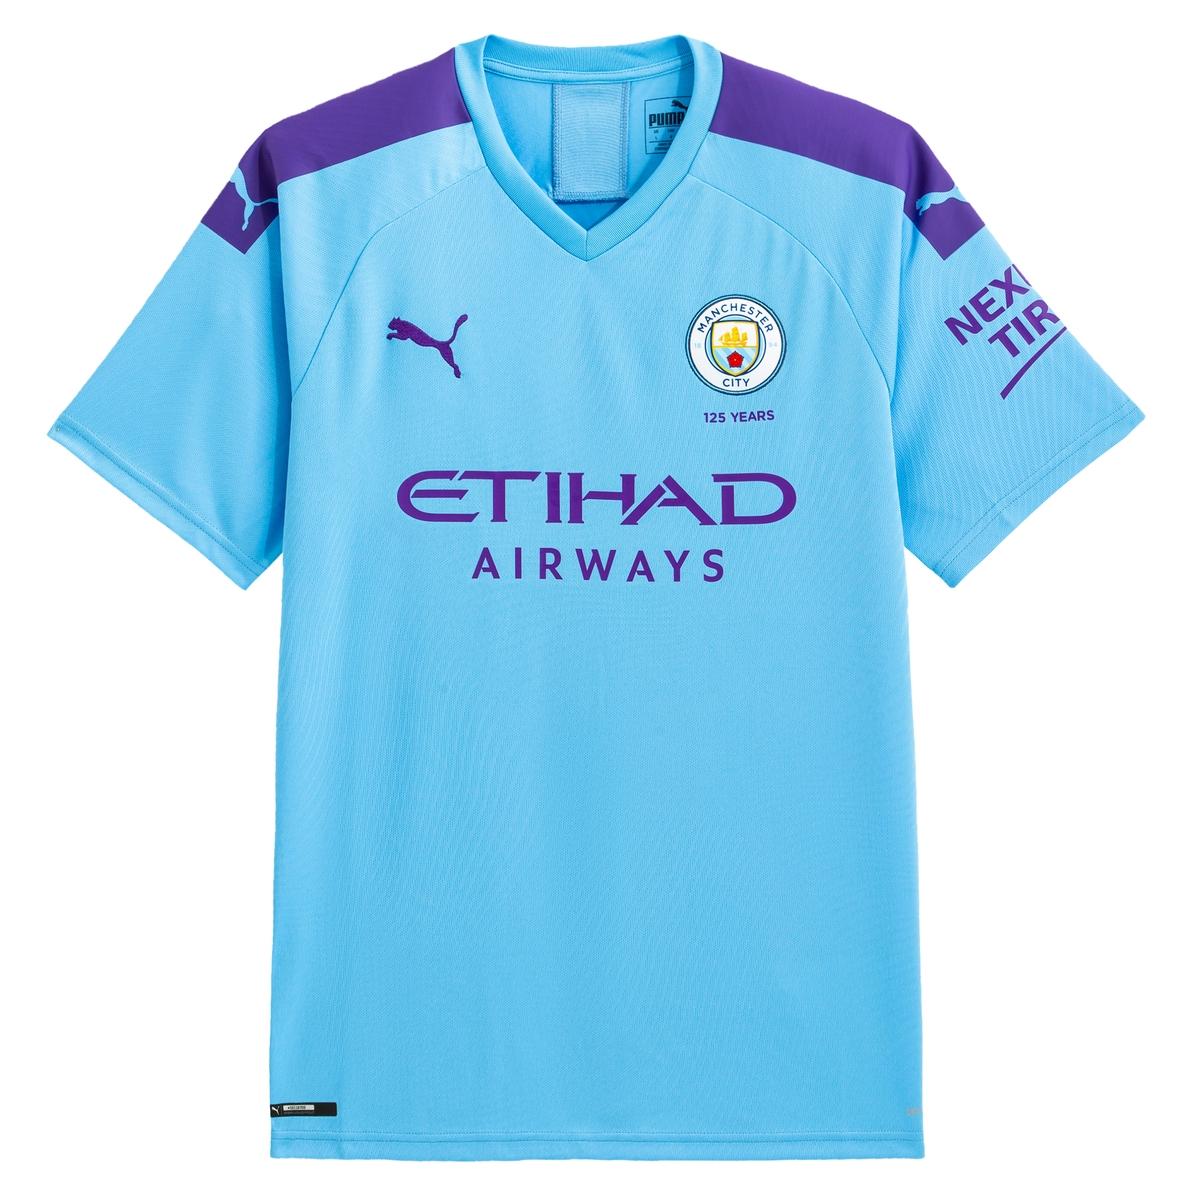 T-shirt Replica Home Manchester City